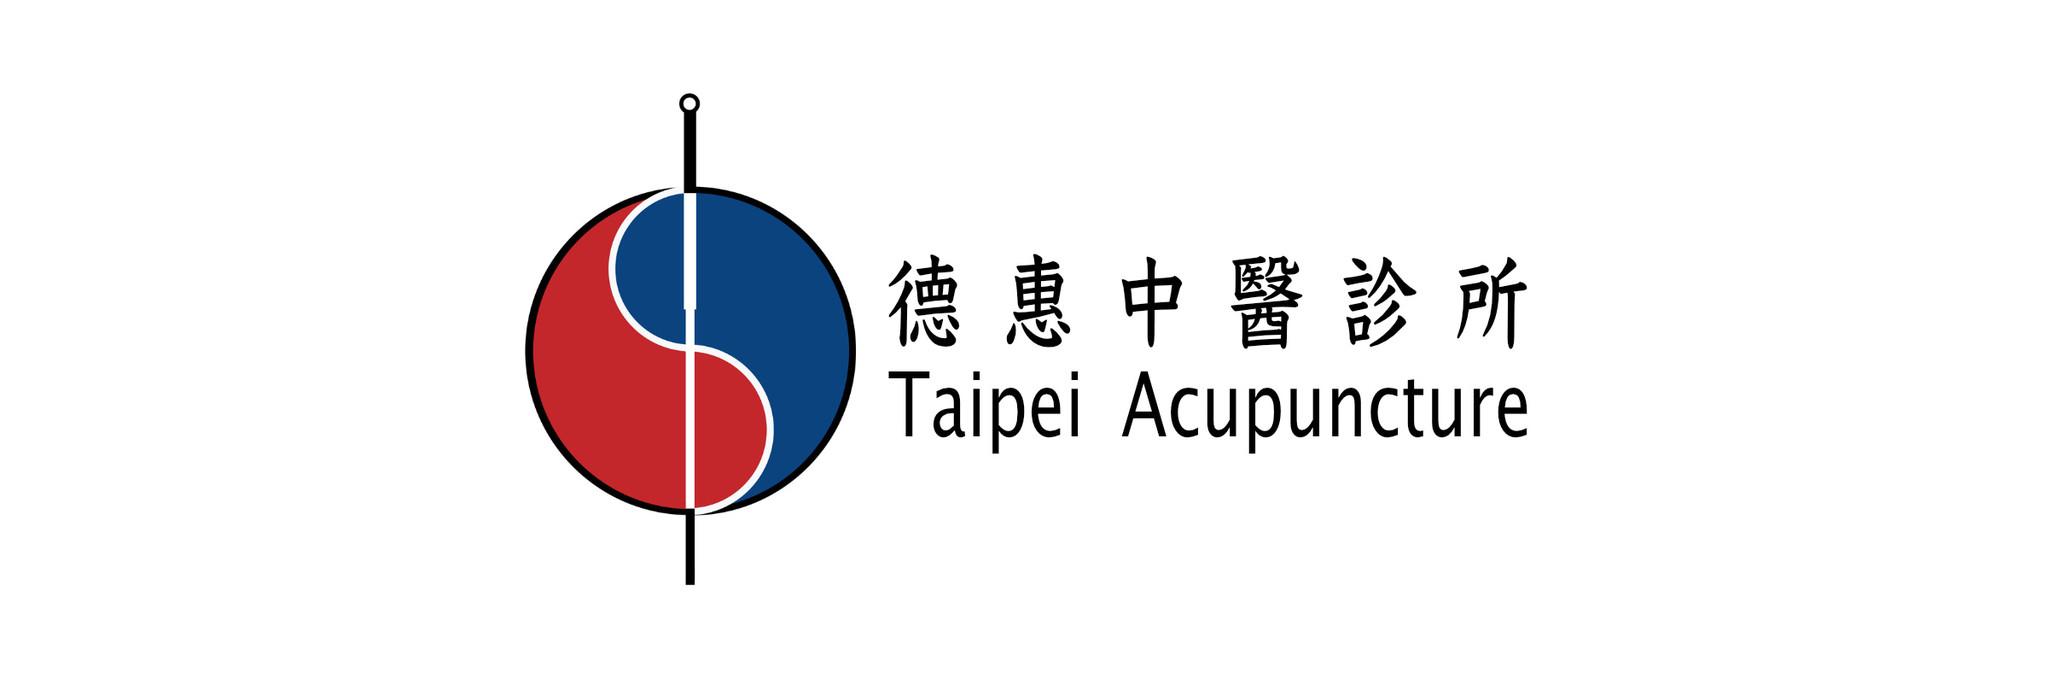 TAIPEI ACUPUNCTURE